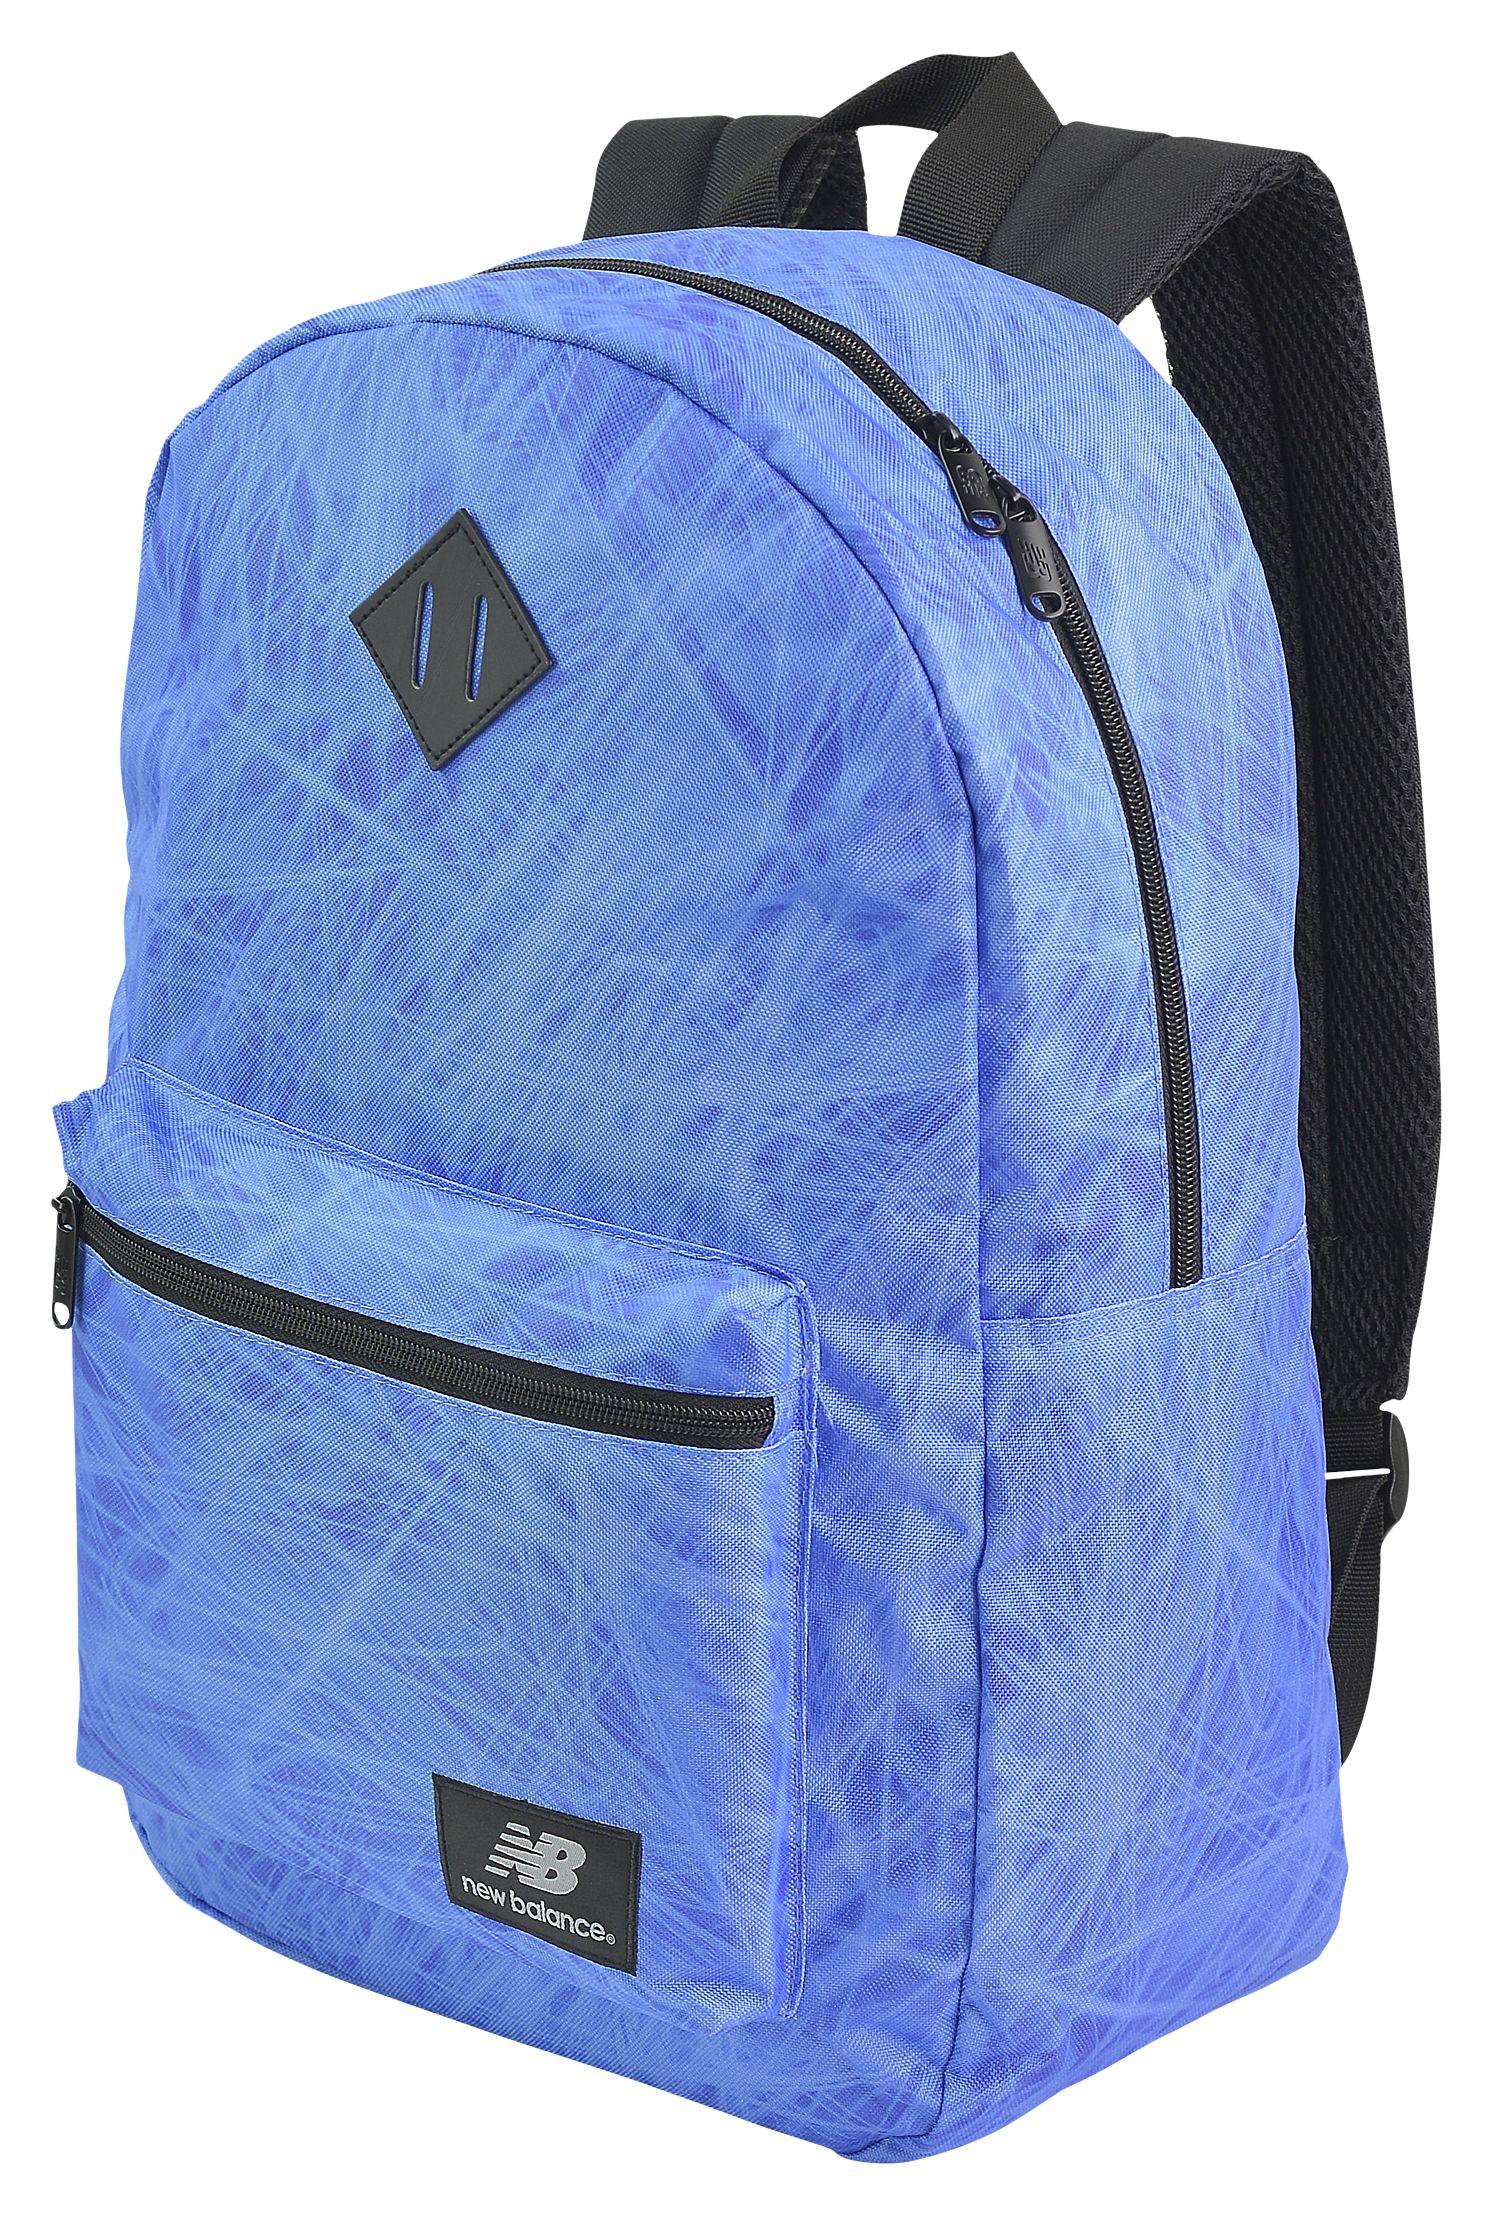 NB Classic Back Pack, Blue